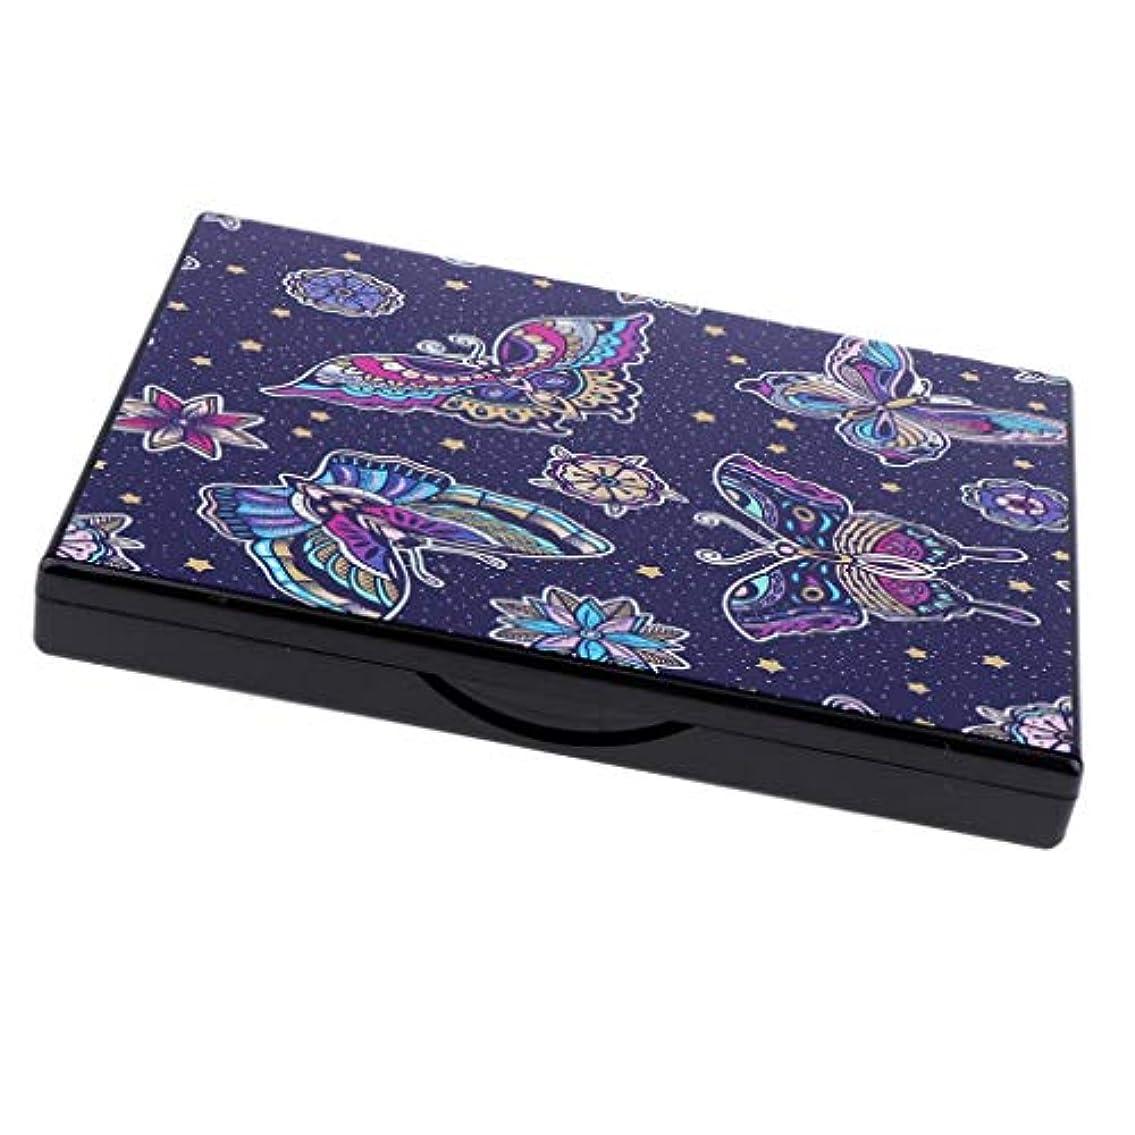 縁キャンディー似ているB Baosity メイクアップパレット DIY 化粧品 ケース 旅行 化粧鏡 ミラー付き 2タイプ選べ   - バタフライ